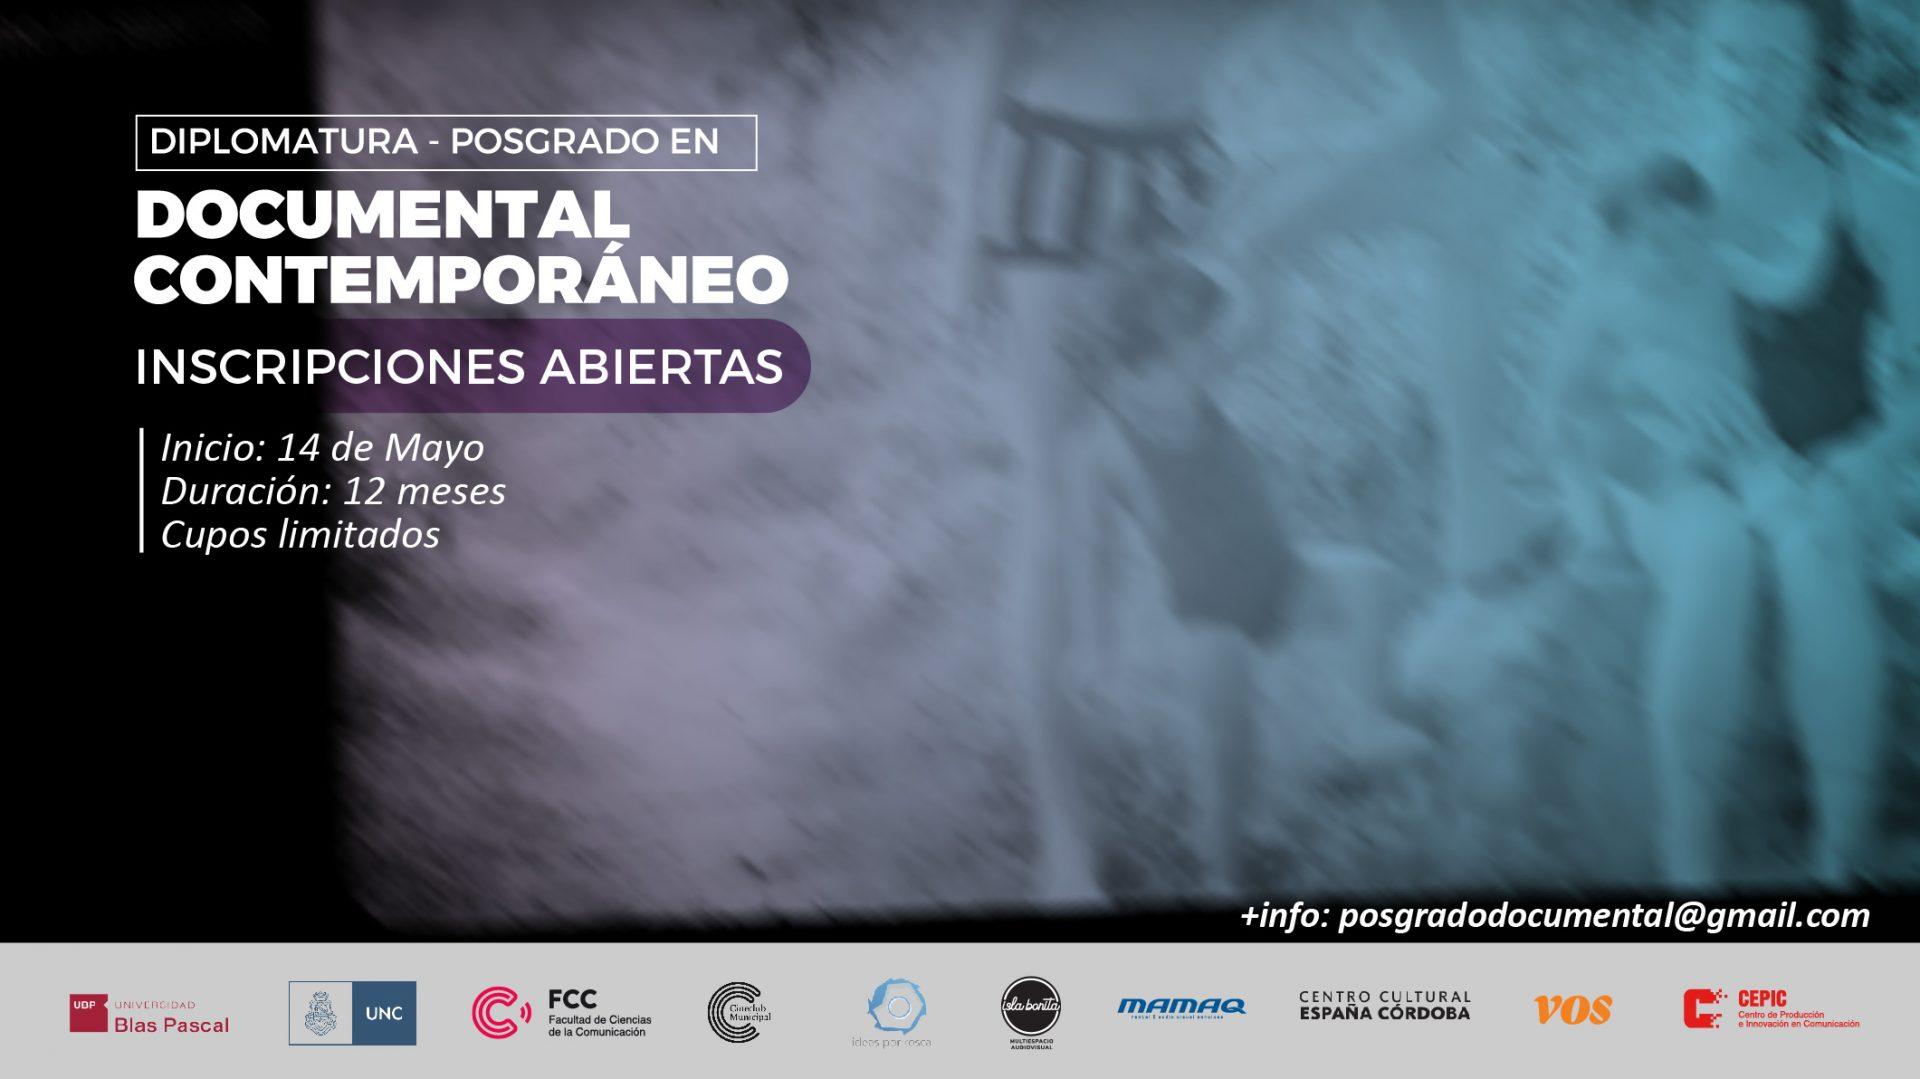 Inscripciones abiertas: Posgrado en Documental Contemporáneo